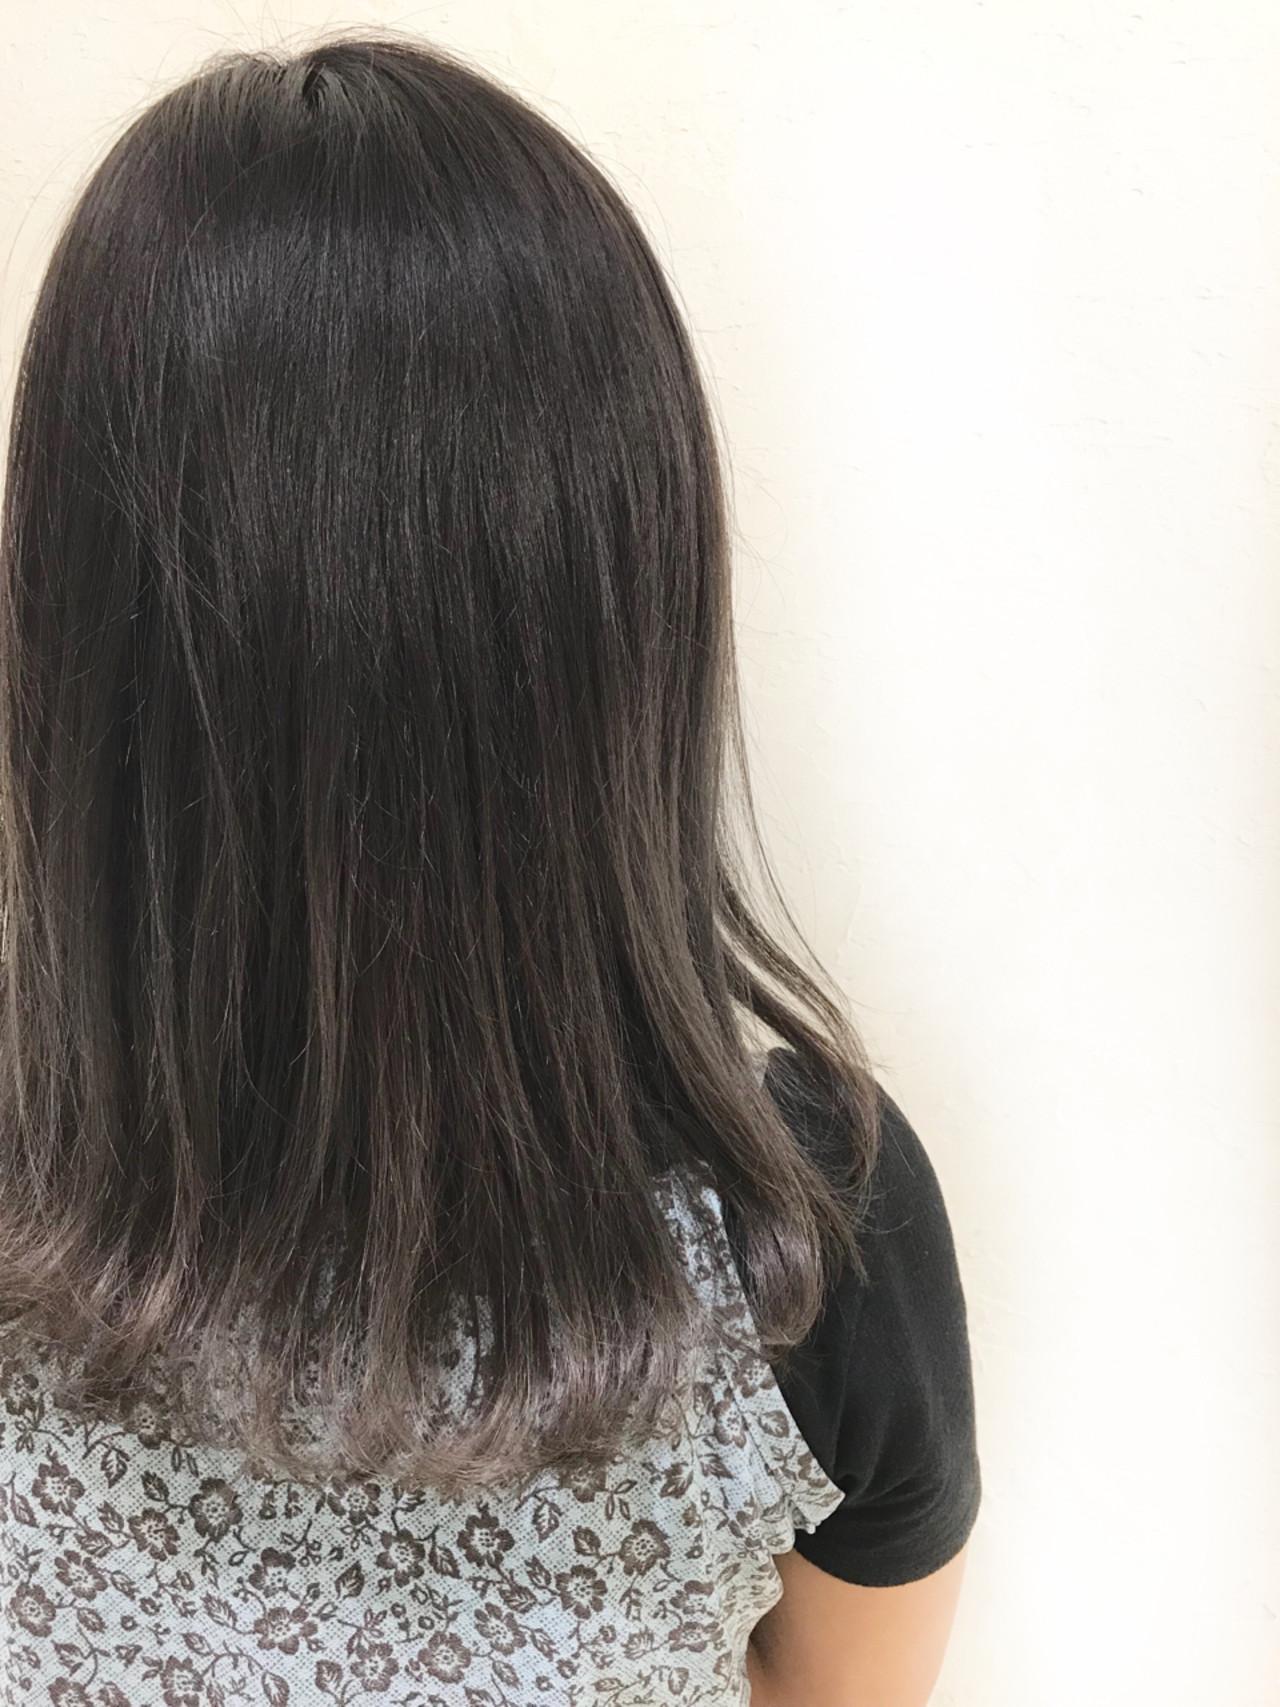 女子力 ダブルカラー ミディアム 無造作 ヘアスタイルや髪型の写真・画像